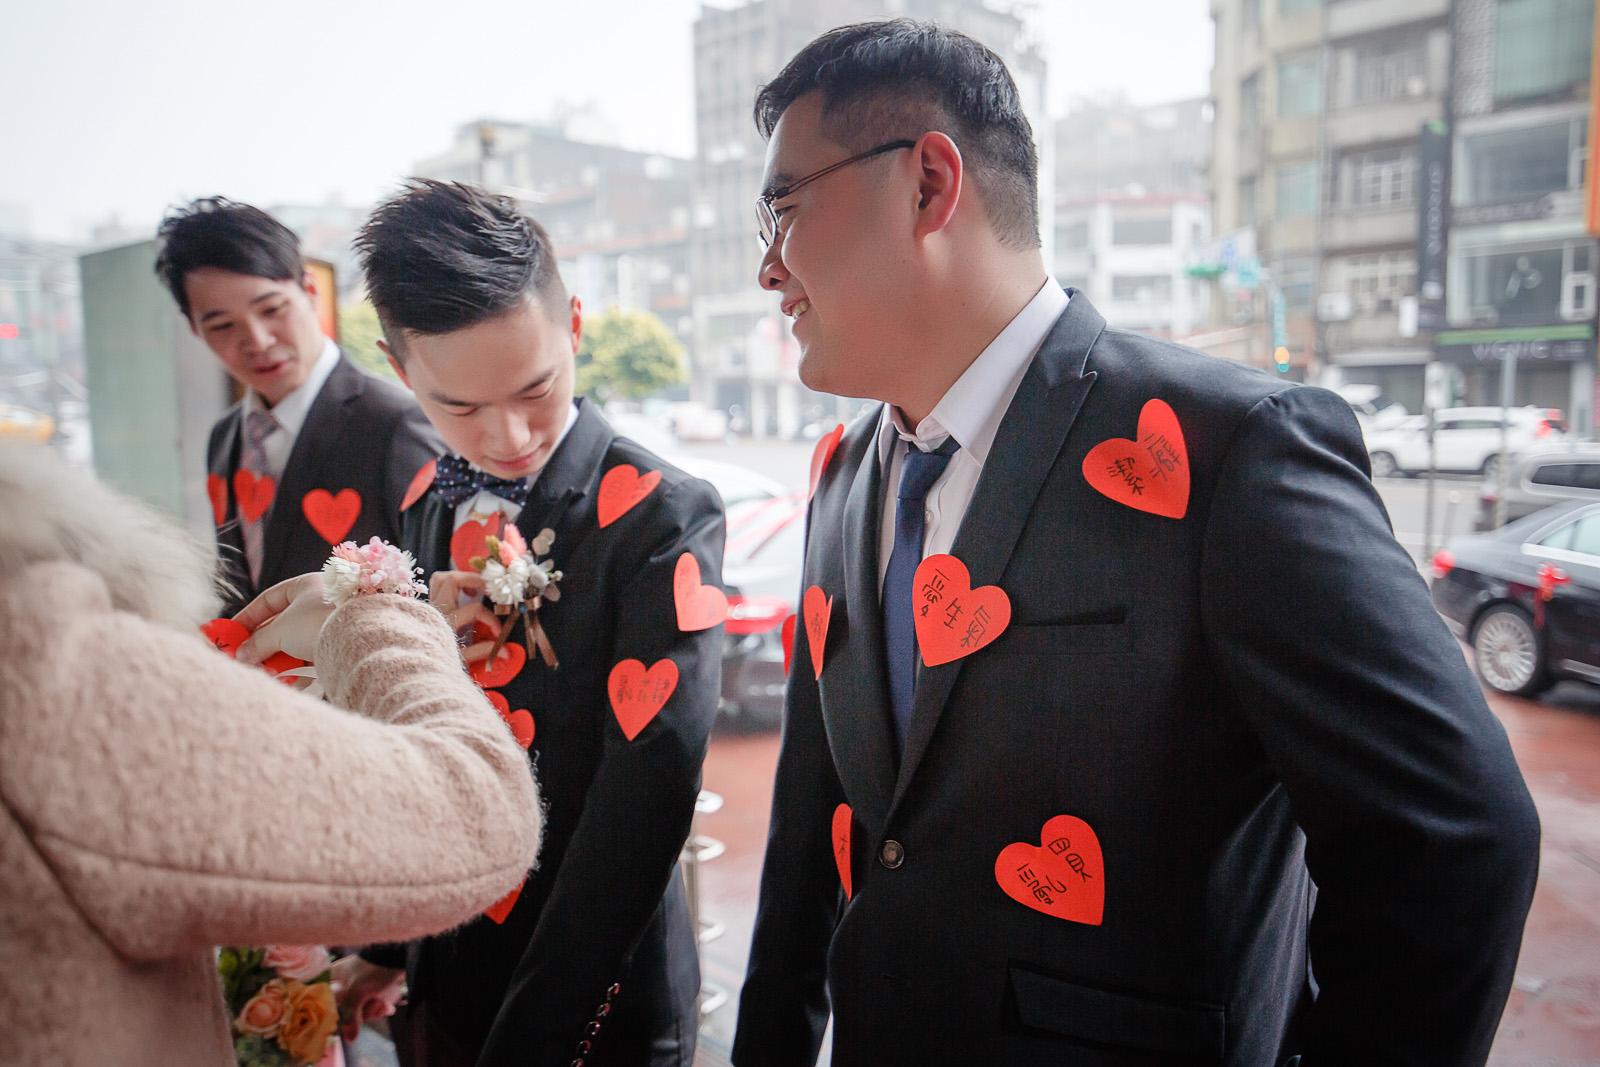 高雄圓山飯店,婚禮攝影,婚攝,高雄婚攝,優質婚攝推薦,Jen&Ethan-090